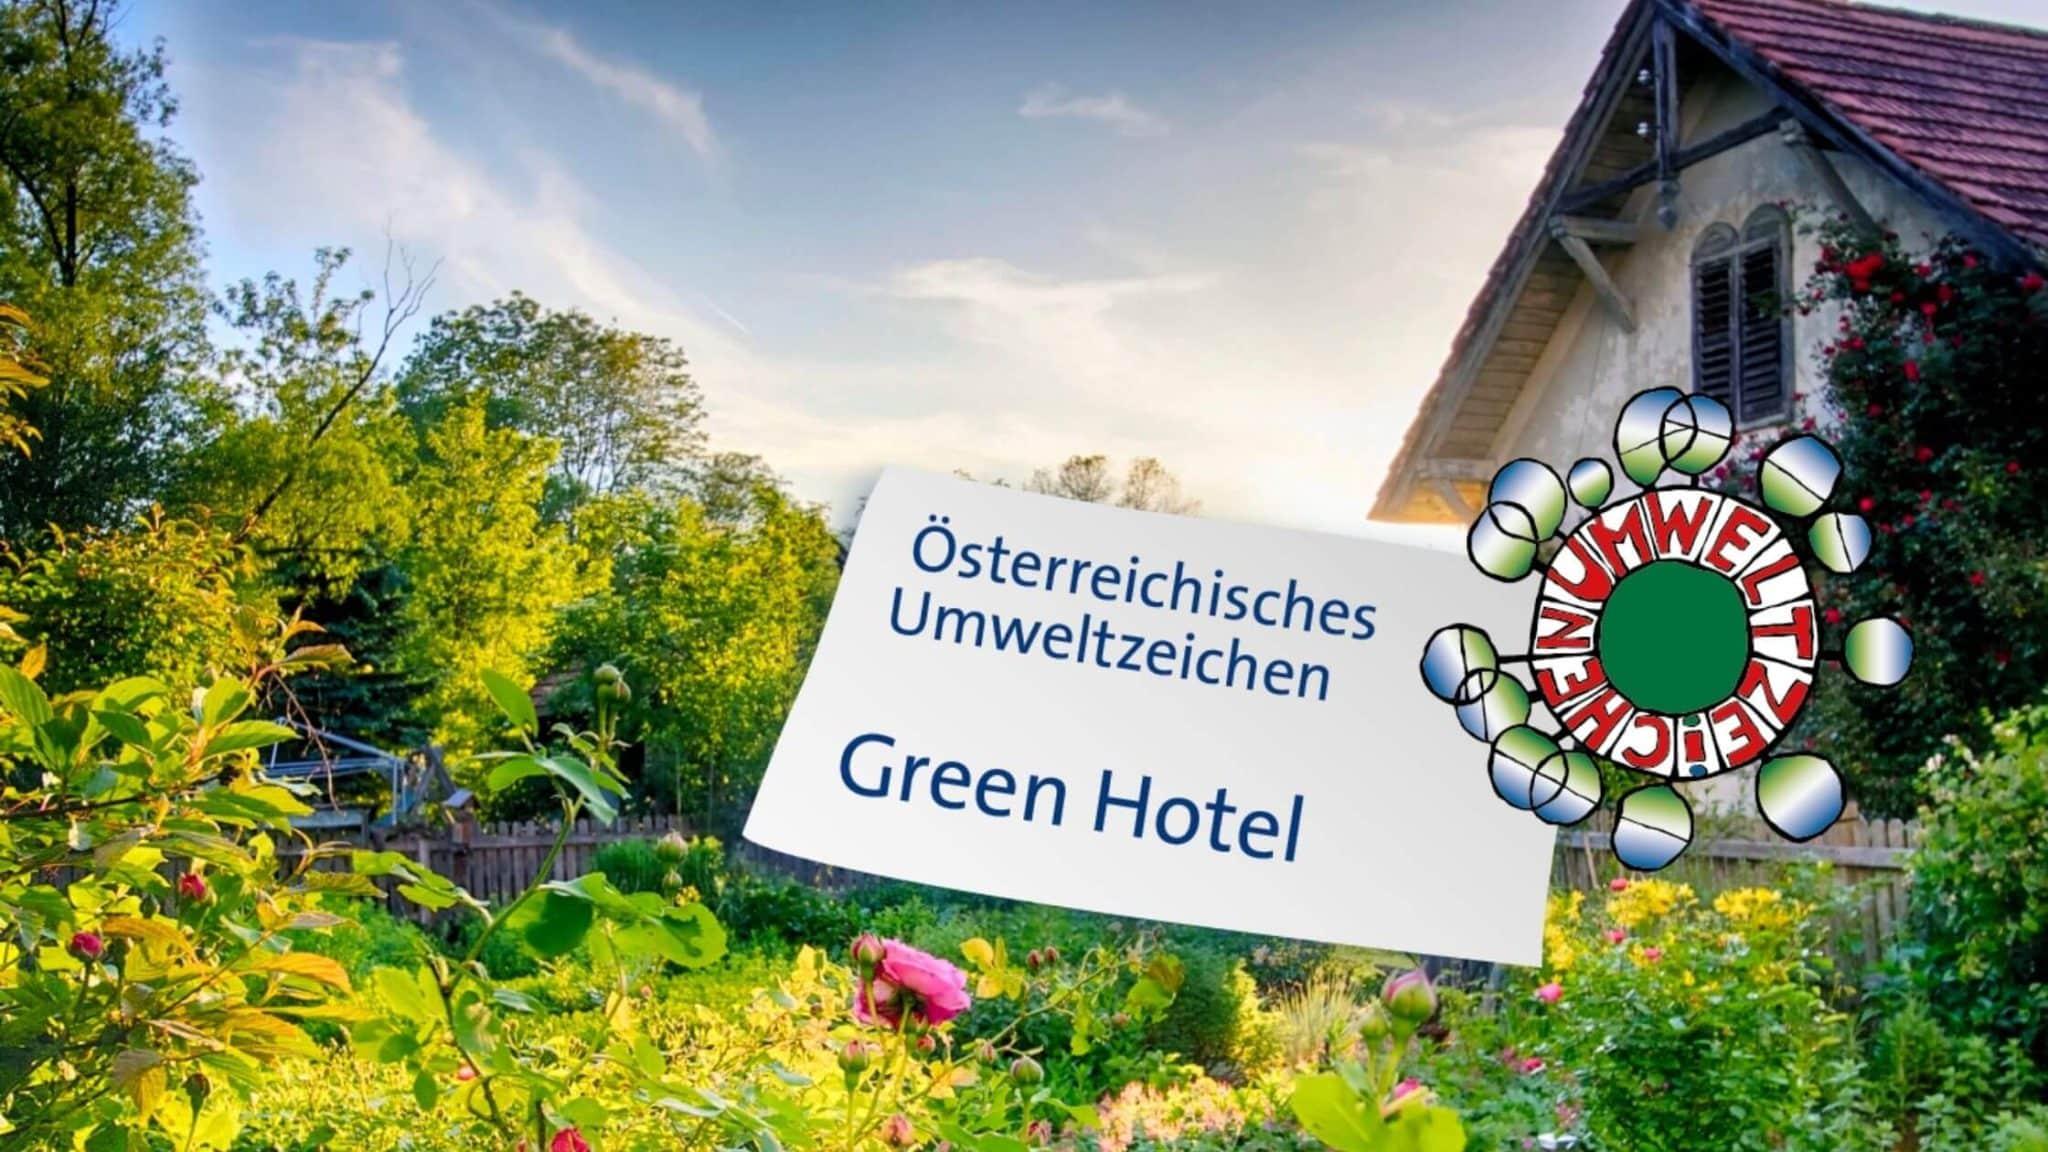 Umweltzeichen Hotel Blog